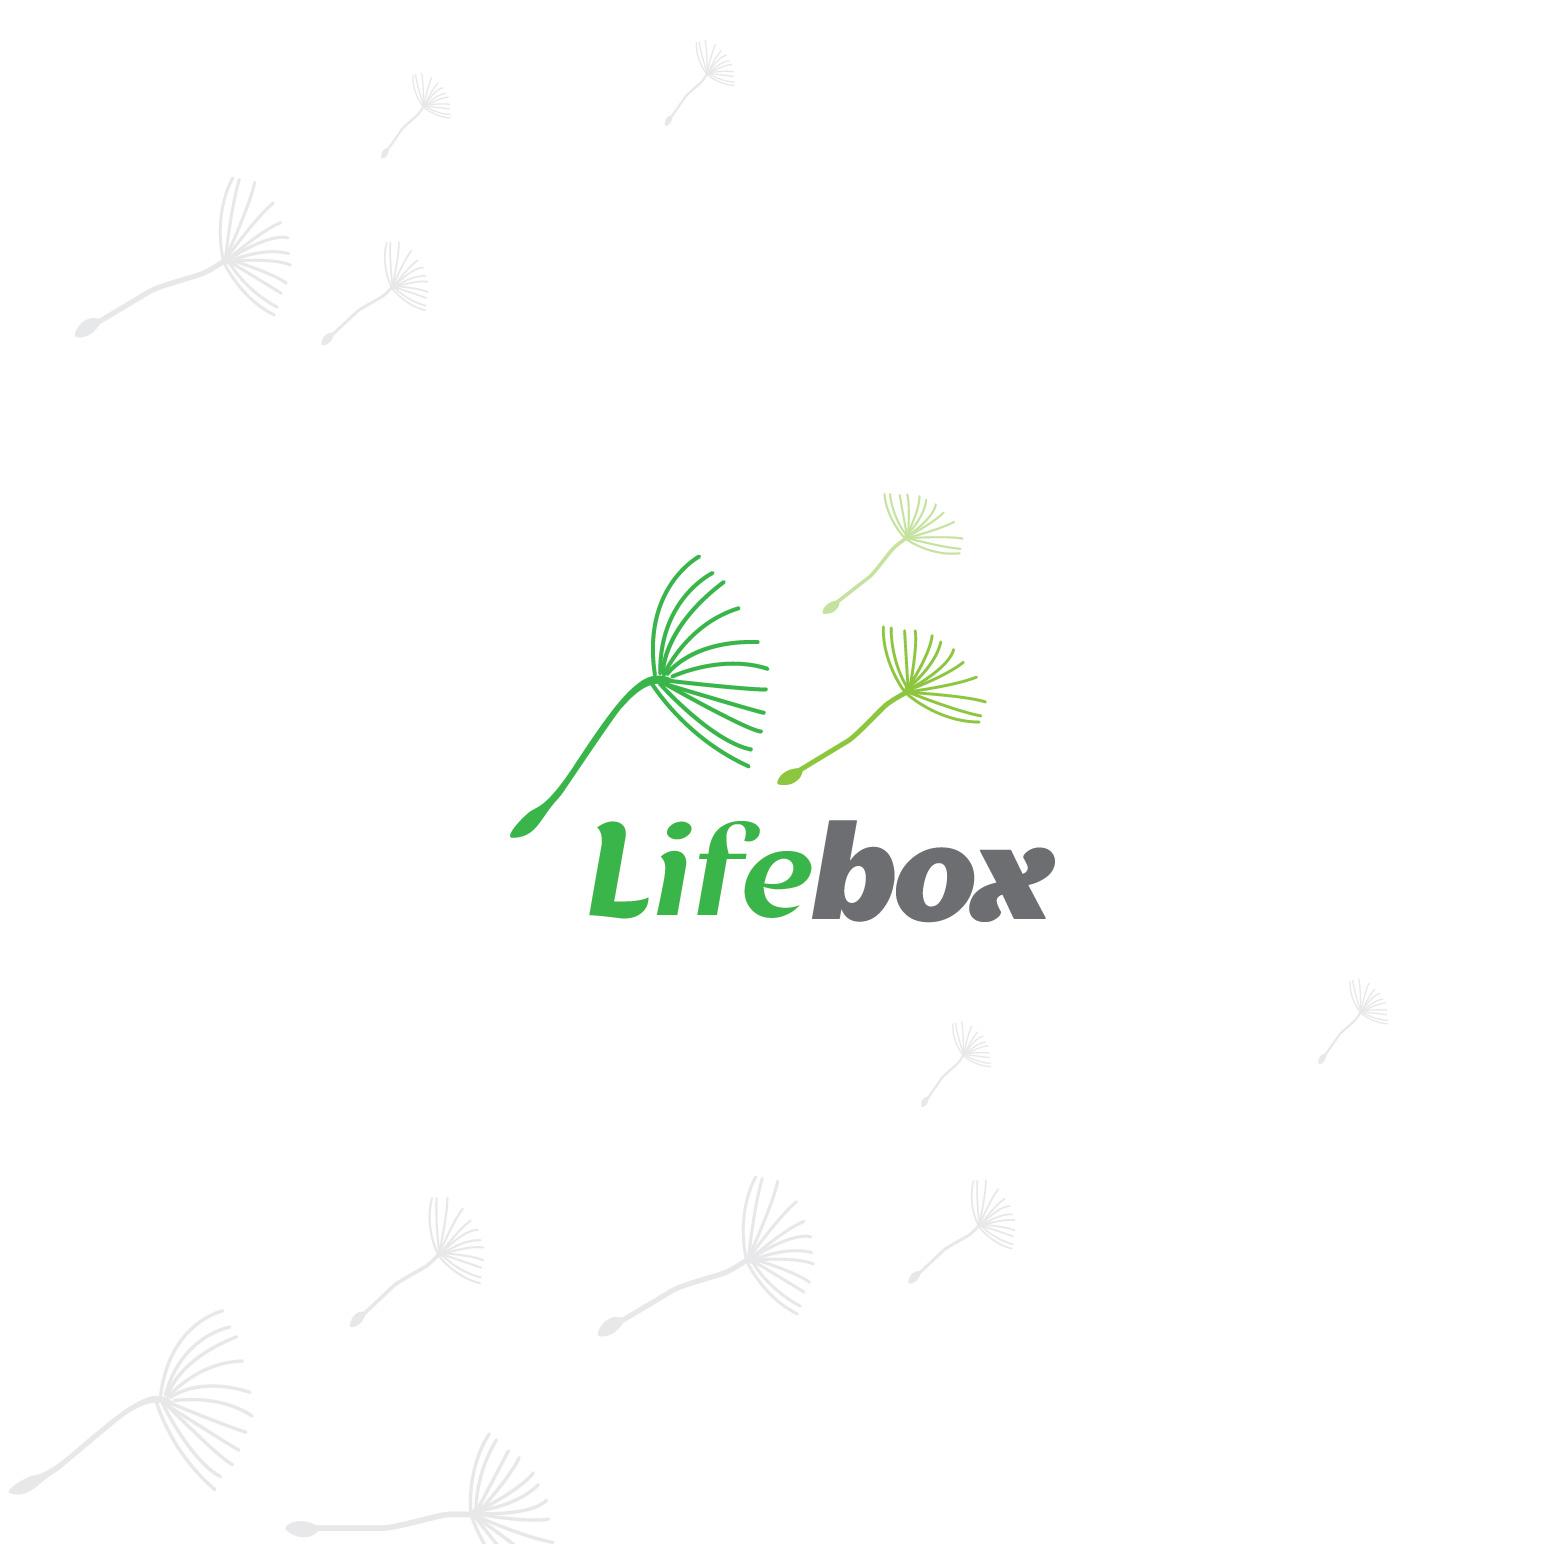 Разработка Логотипа. Победитель получит расширеный заказ  фото f_0255c2747747d391.jpg